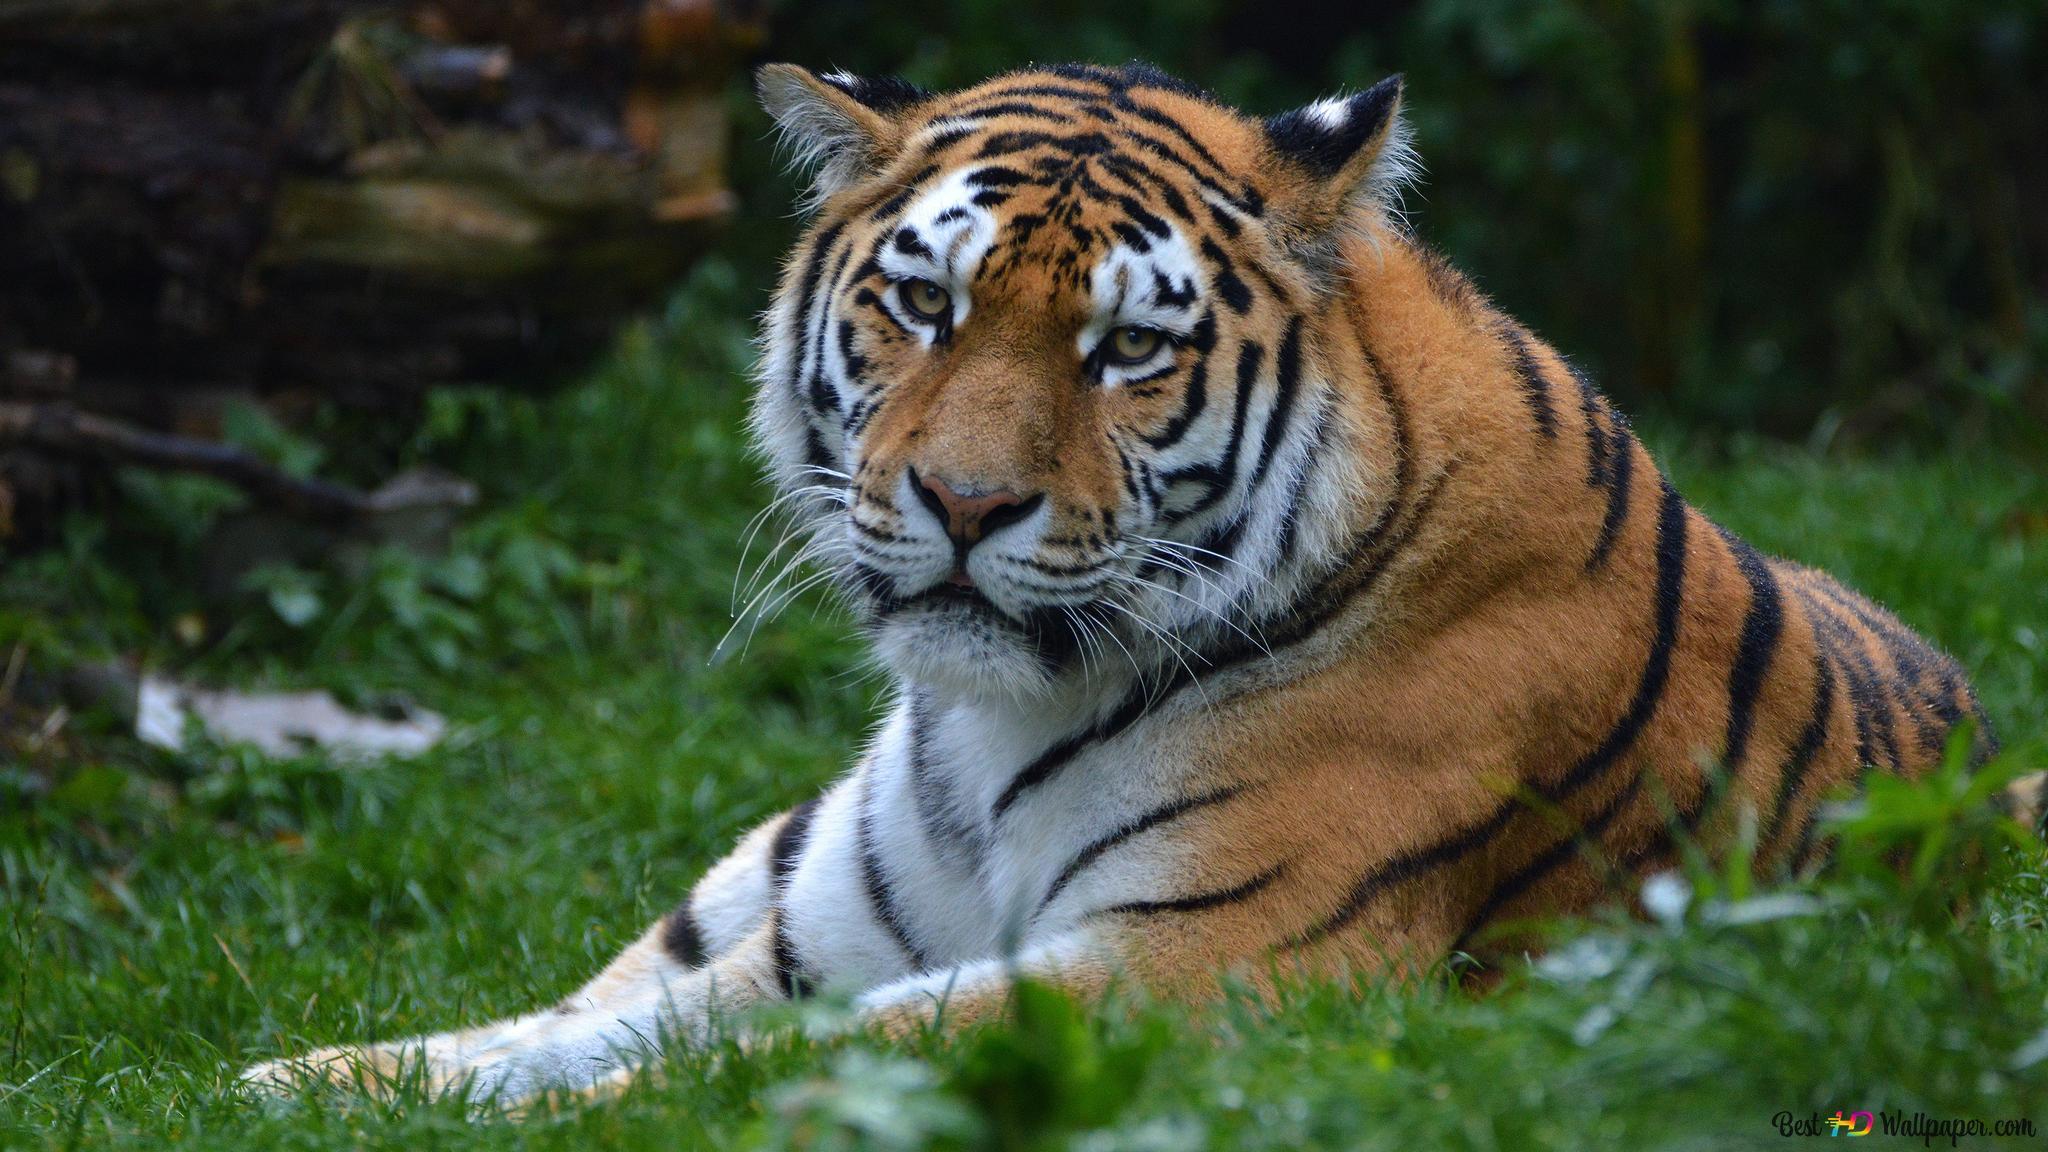 Descargar Fondo De Pantalla La Mirada De Tigre Hd